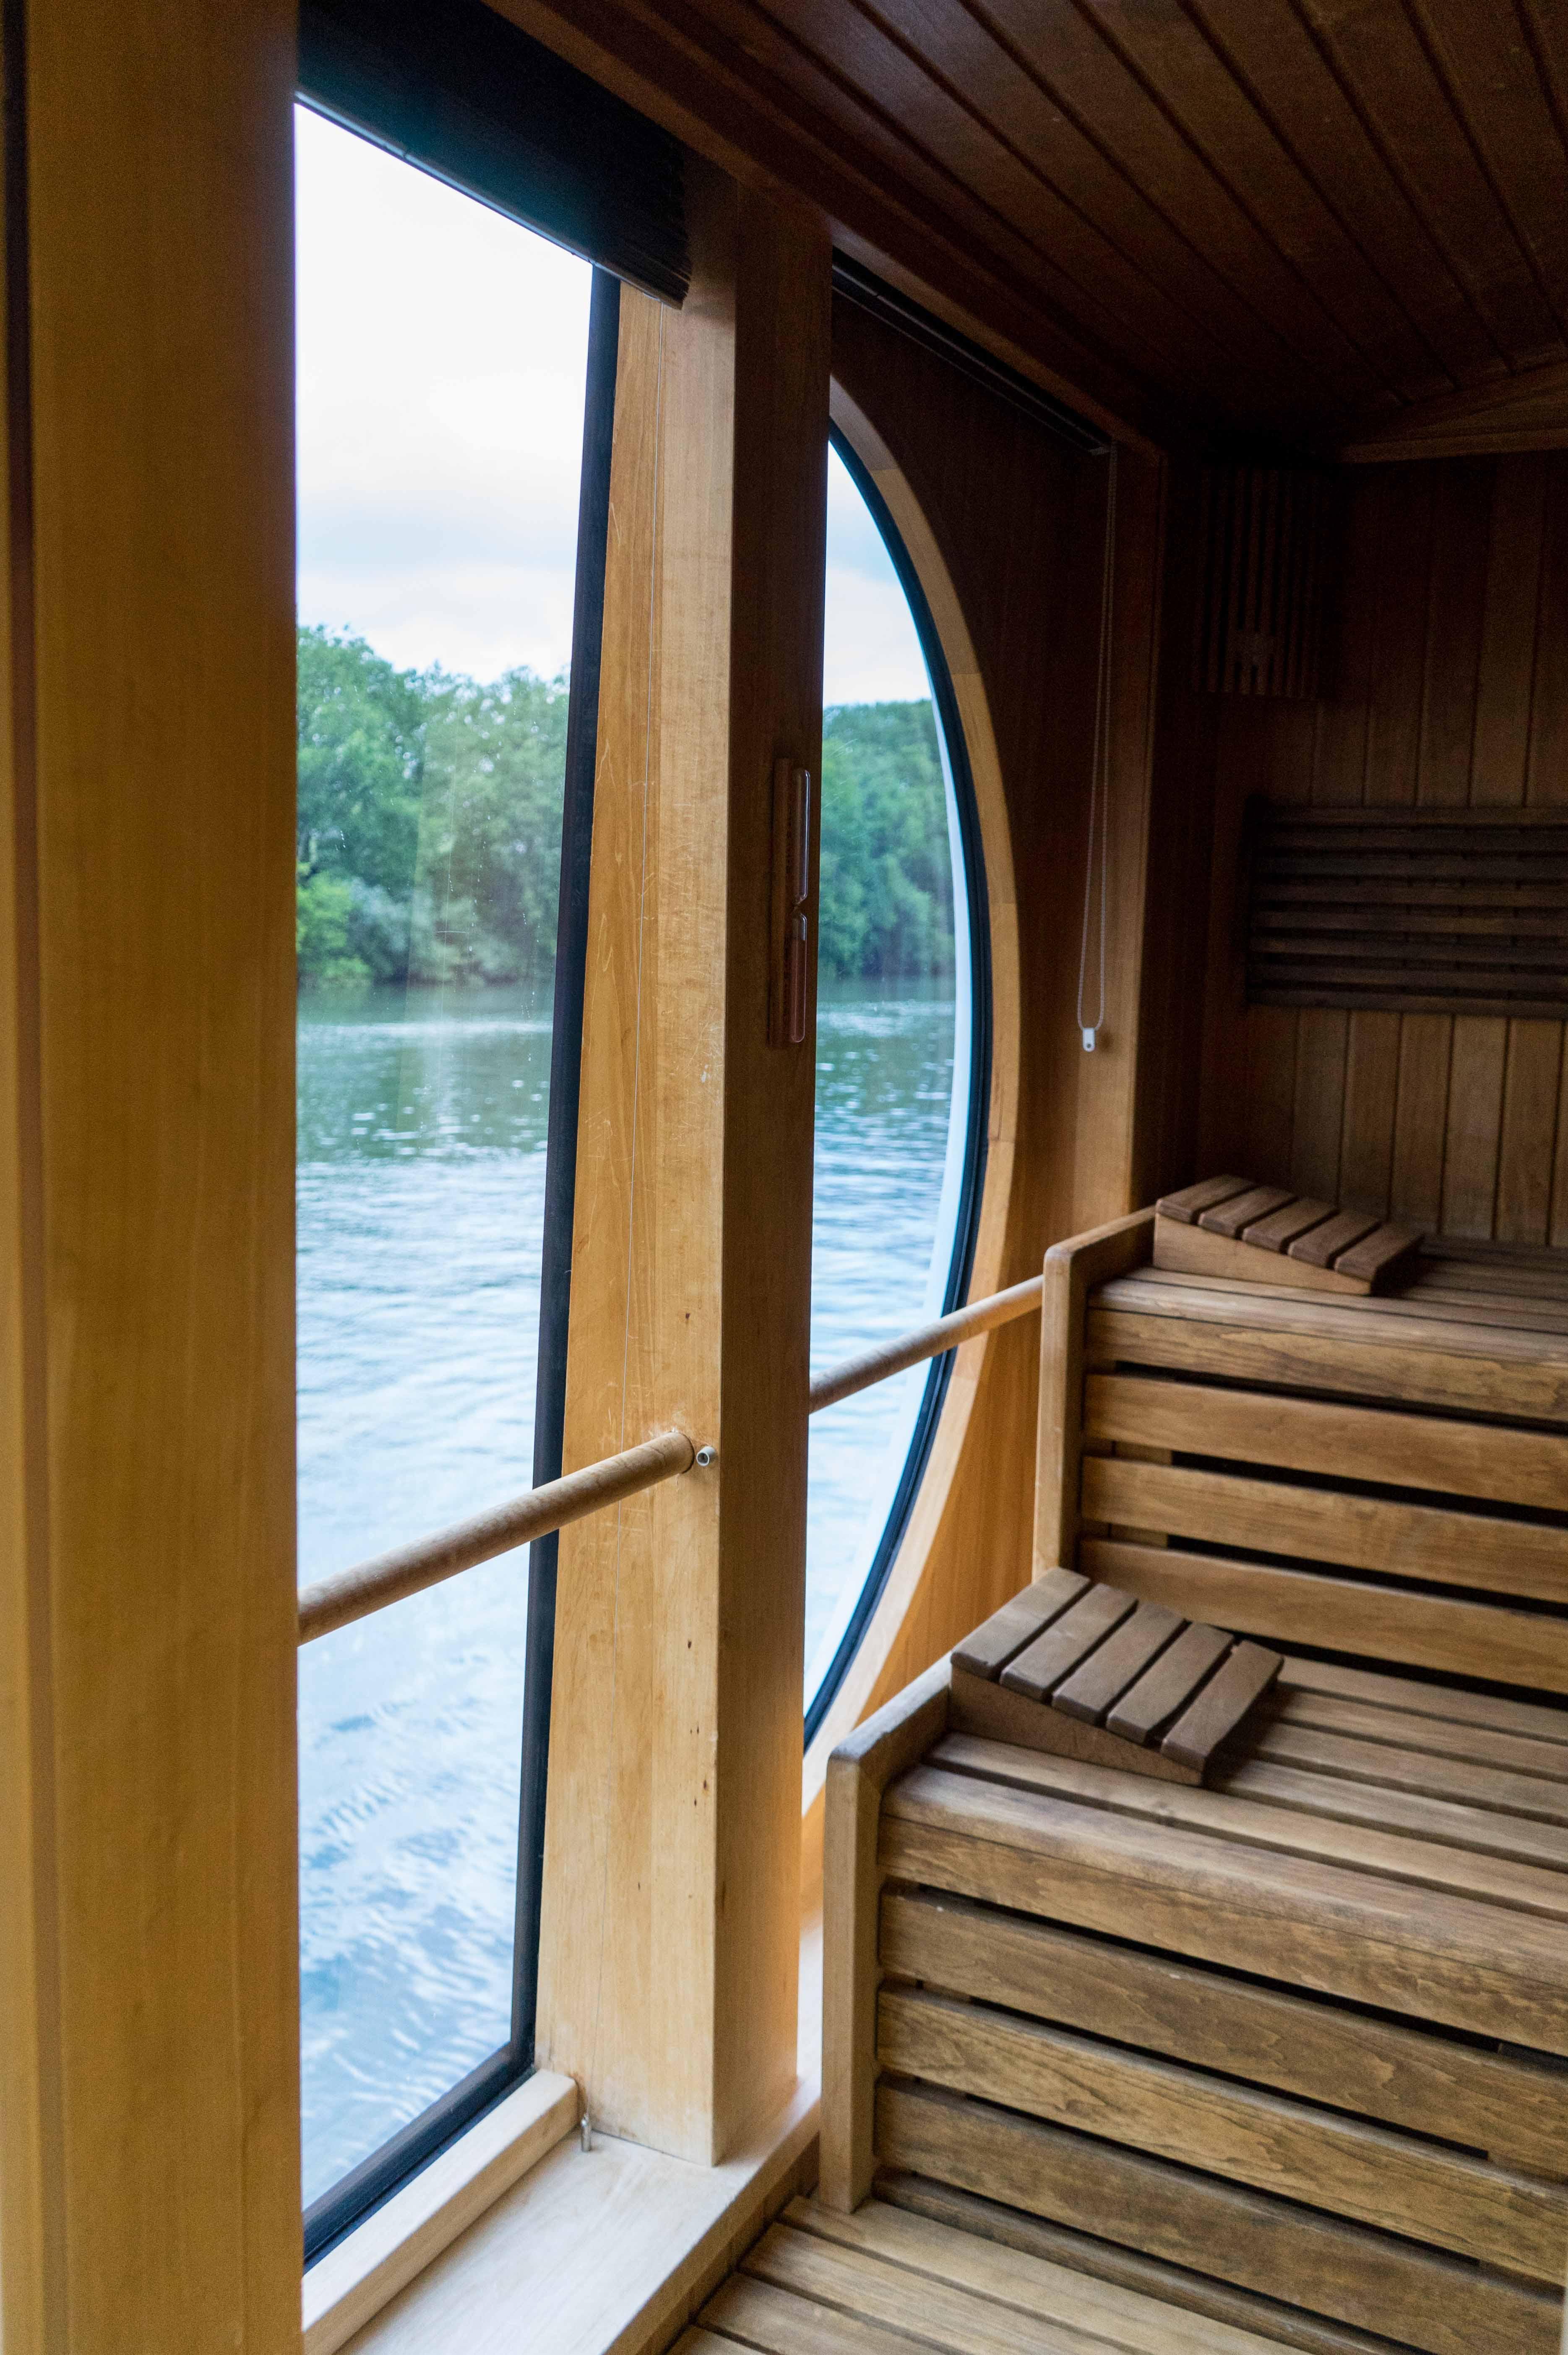 AROSA VIVA Seine Flusskreuzfahrt Kreuzfahrtschiff Wellnessbereich Panoramablick Sauna Panoramasauna